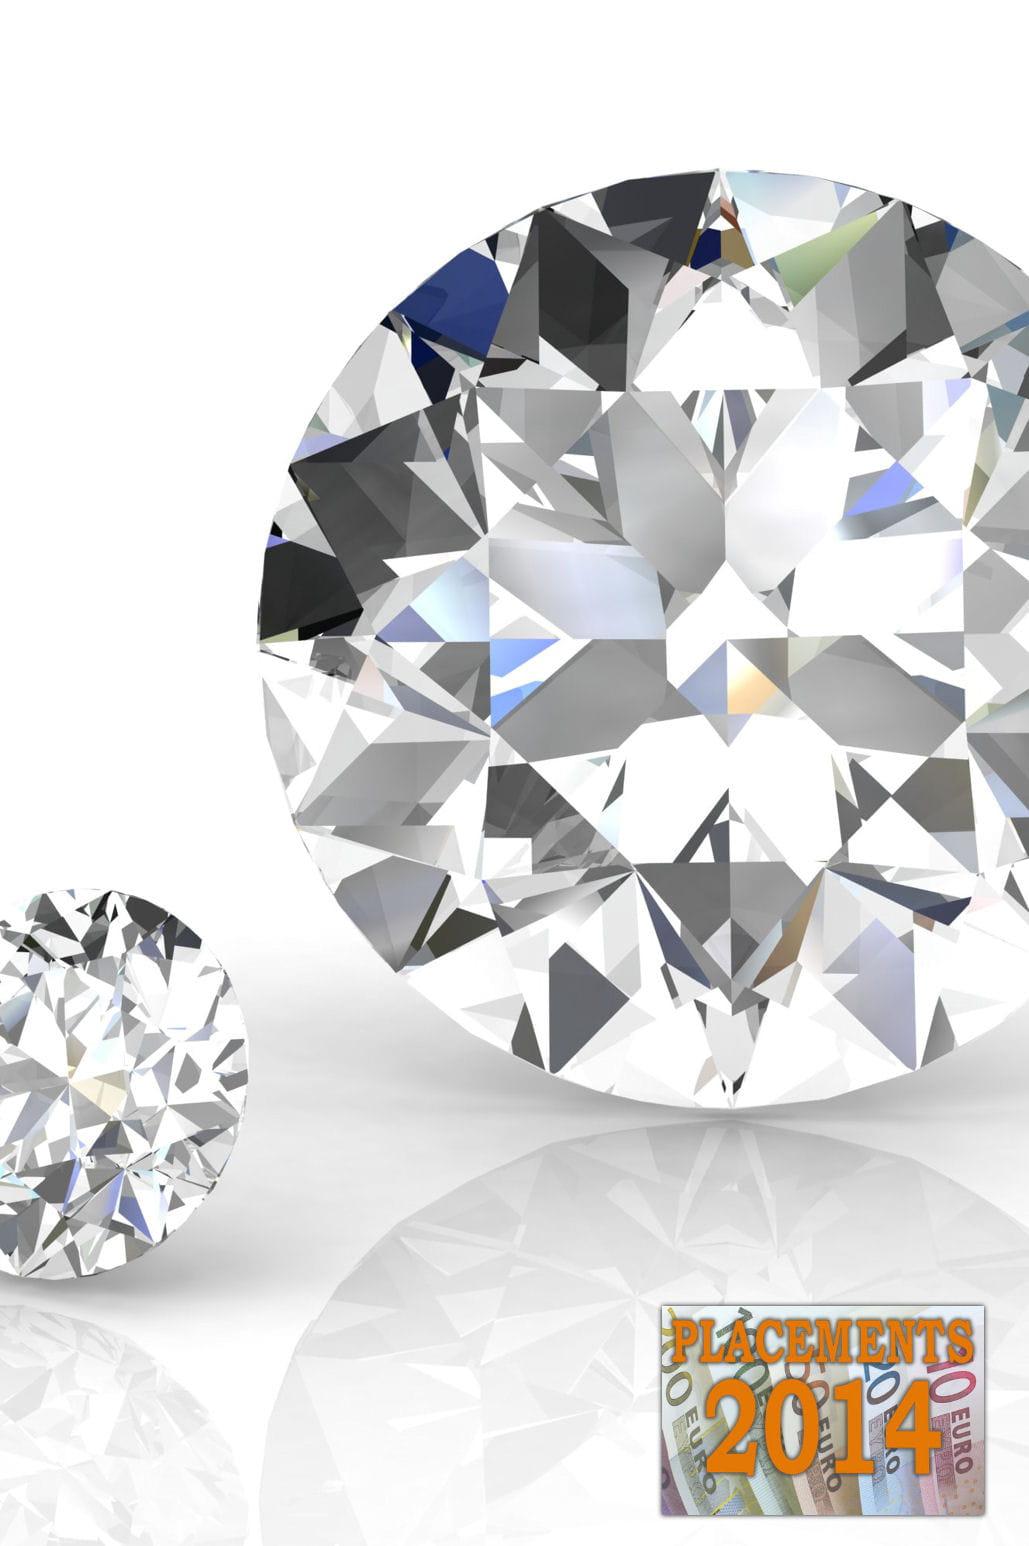 Pierres pr cieuses le diamant peut il aider votre pargne briller placements 2014 - Fausse pierre precieuse ...